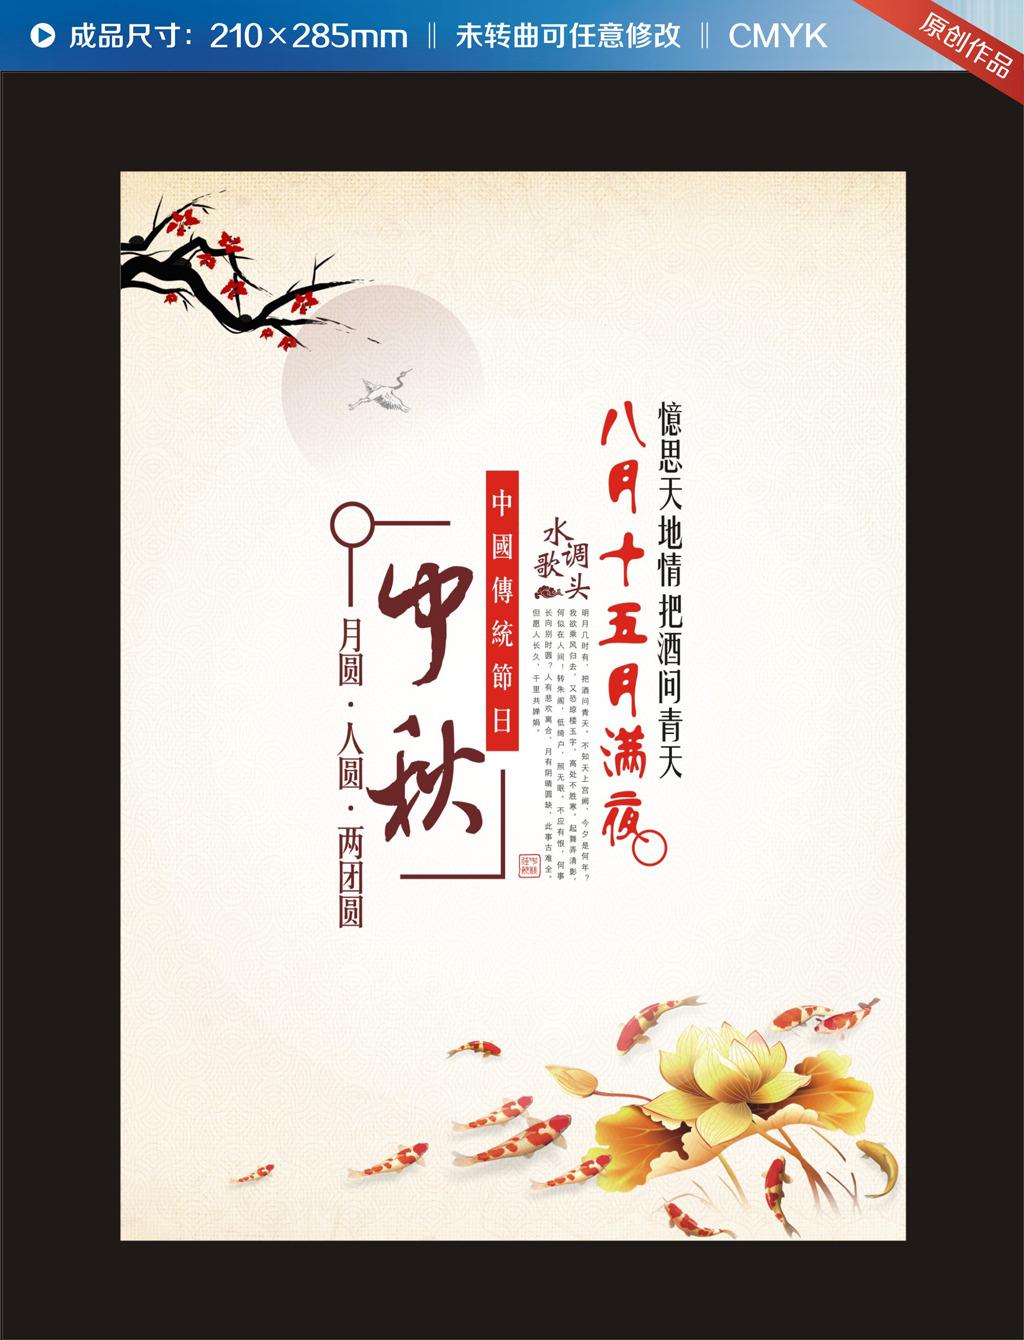 团圆节 八月十五 迎中秋 国庆节 中秋节舞台背景 情满中秋 促销海报